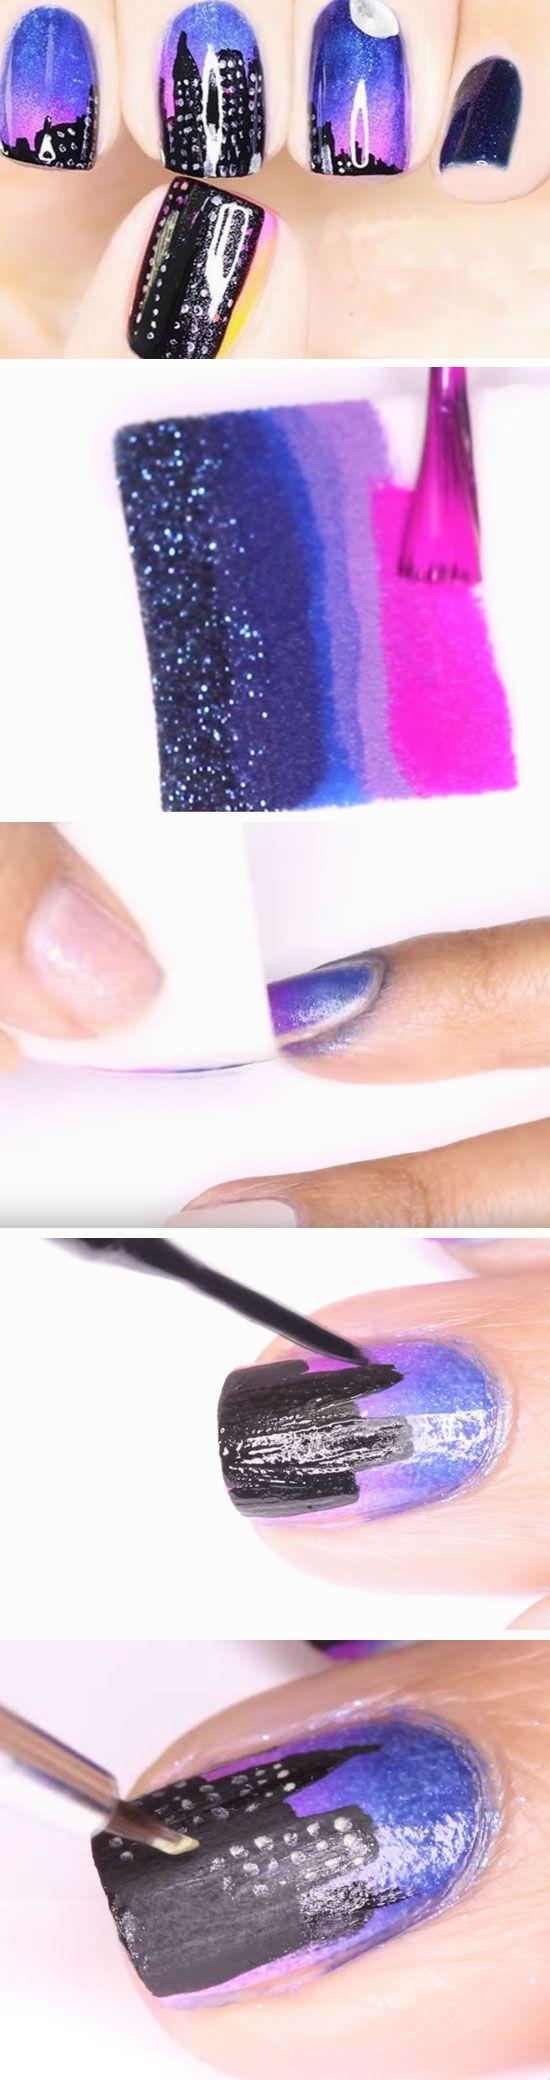 144 besten nails Bilder auf Pinterest | Einfache heimwerkerprojekte ...